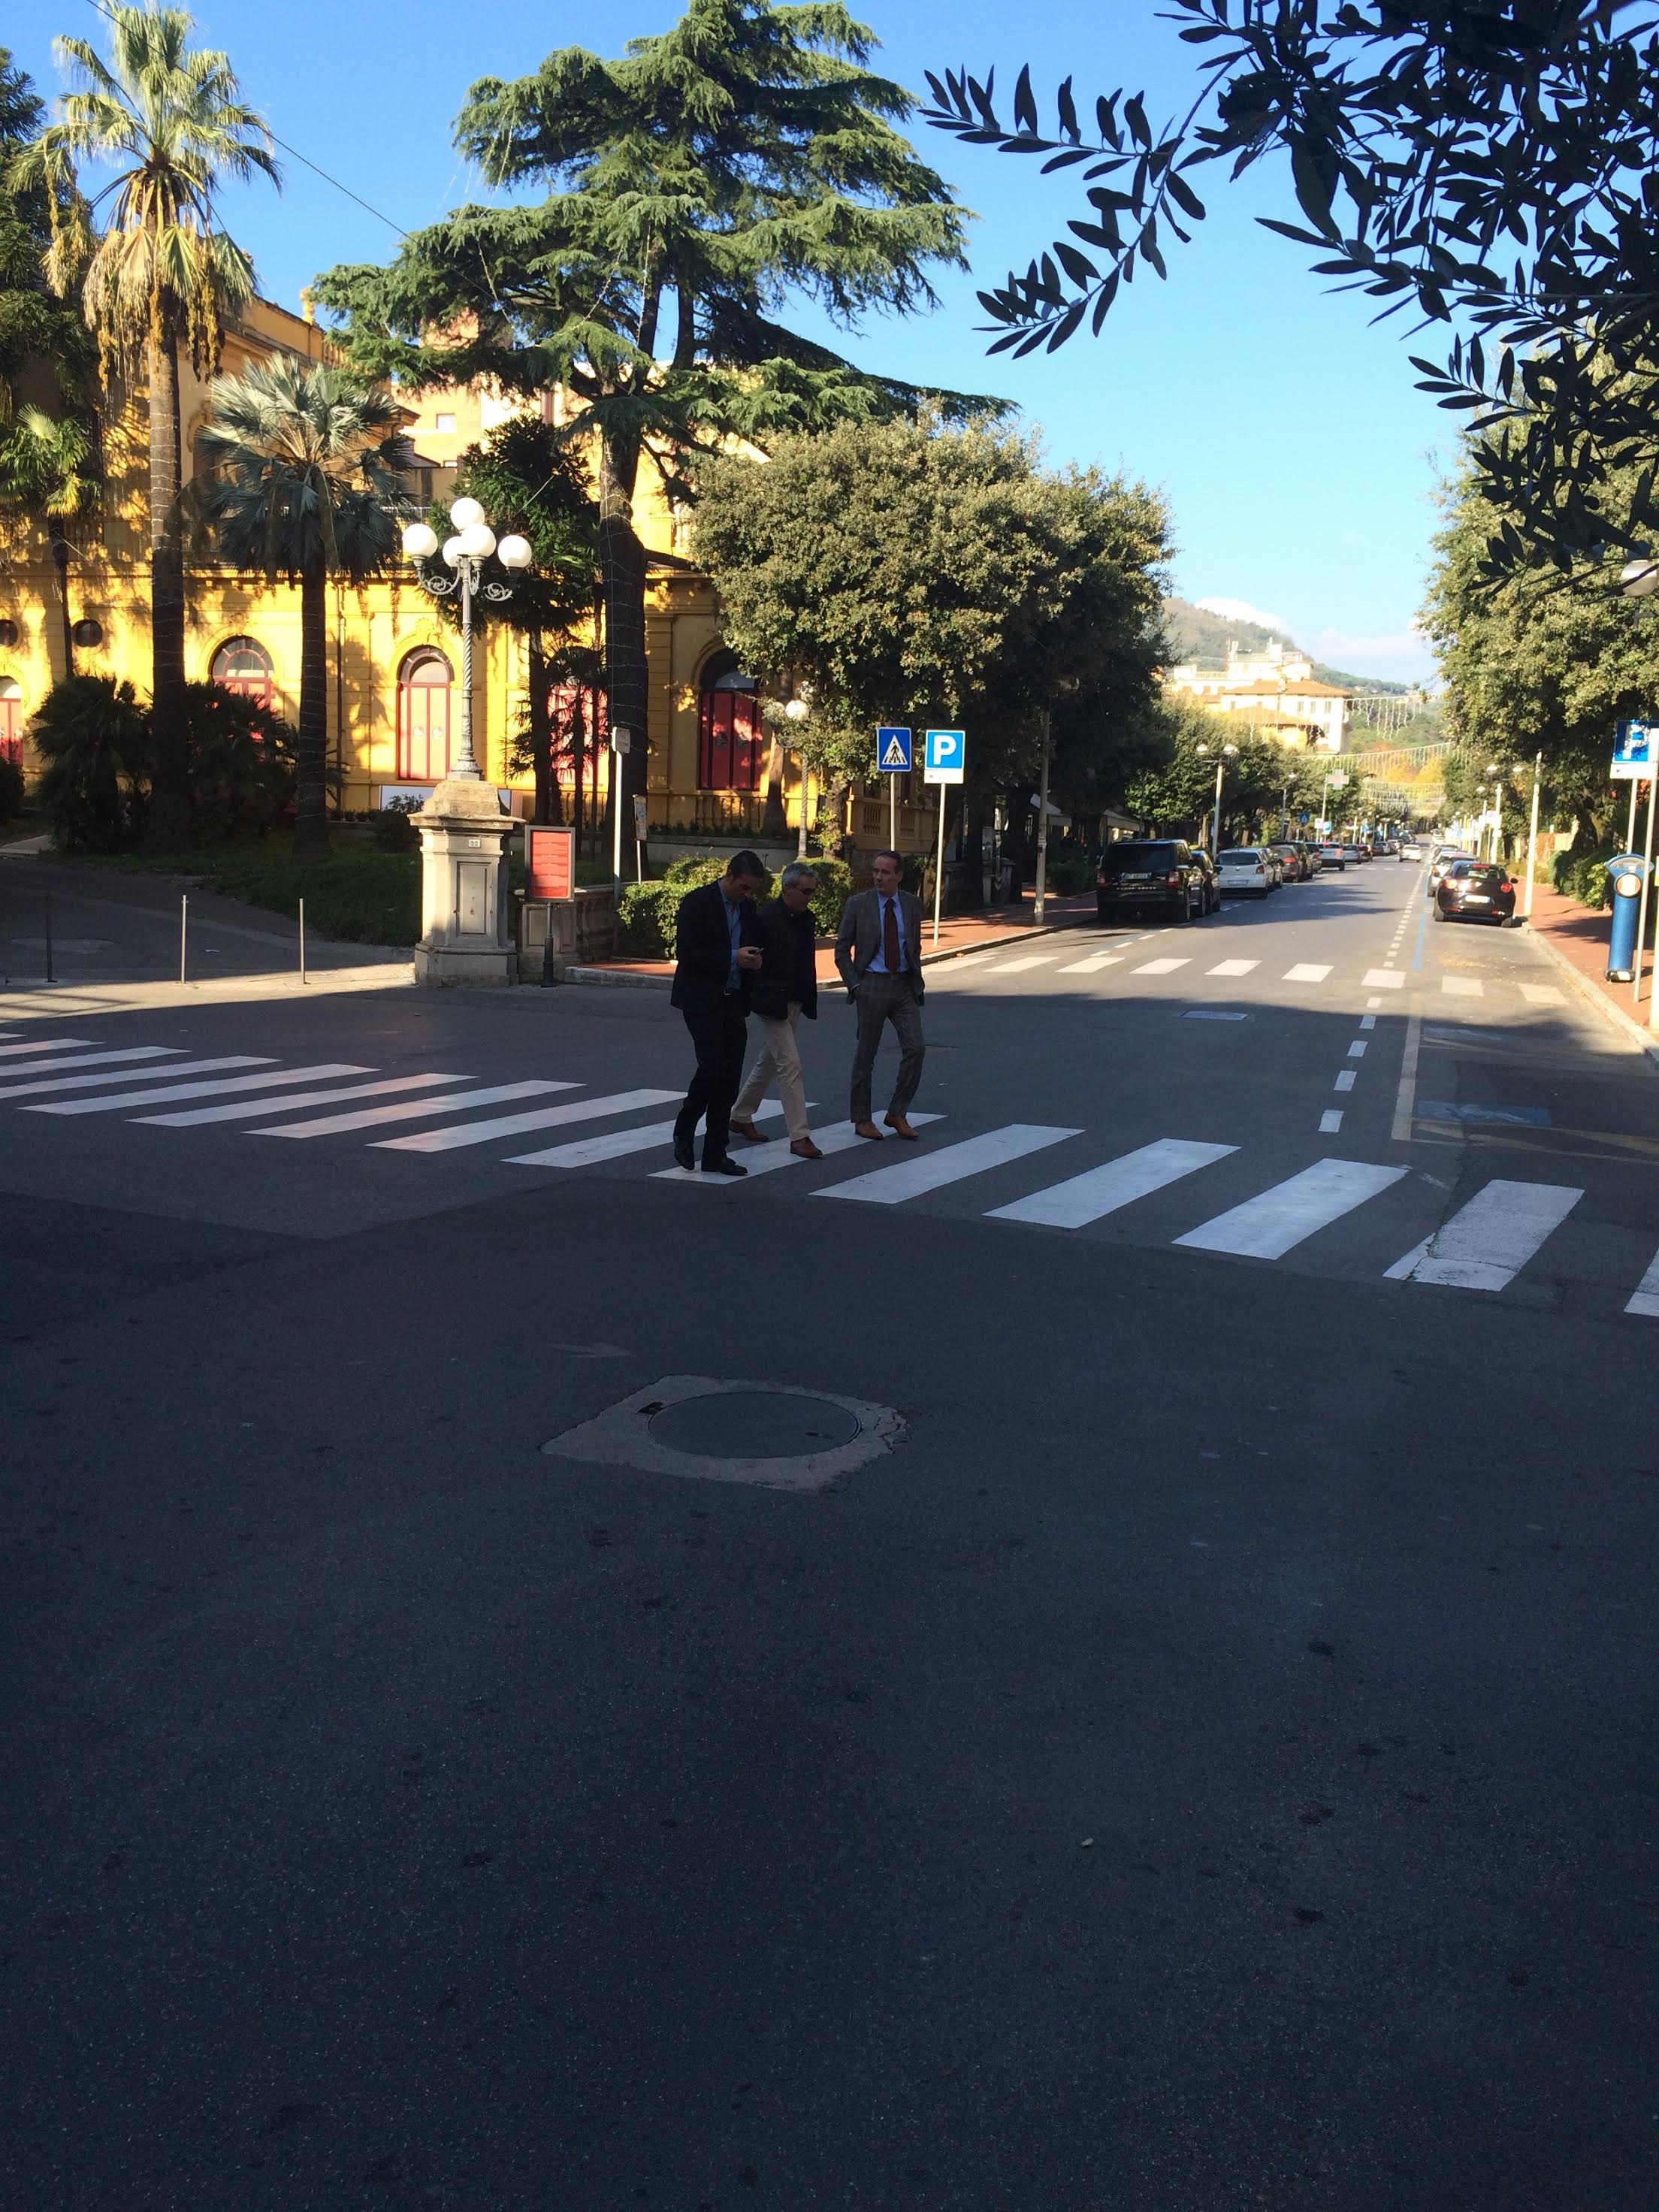 mens-crossing-street.jpg